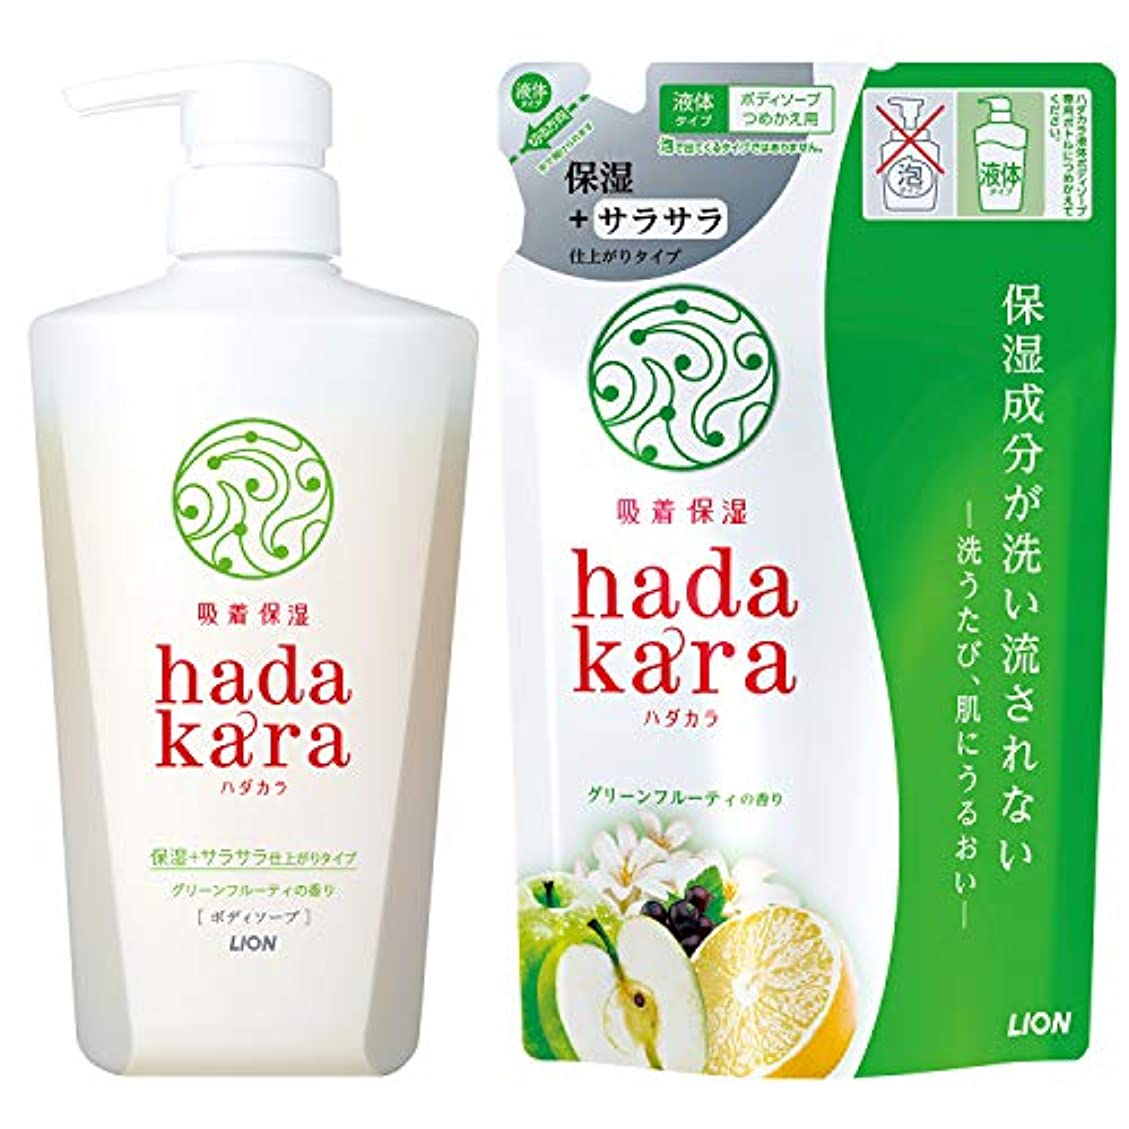 再び宇宙凝縮するhadakara(ハダカラ) ボディソープ 保湿+サラサラ仕上がりタイプ グリーンフルーティの香り (本体480ml+つめかえ340ml) グリーンフルーティ(保湿+サラサラ仕上がり) +